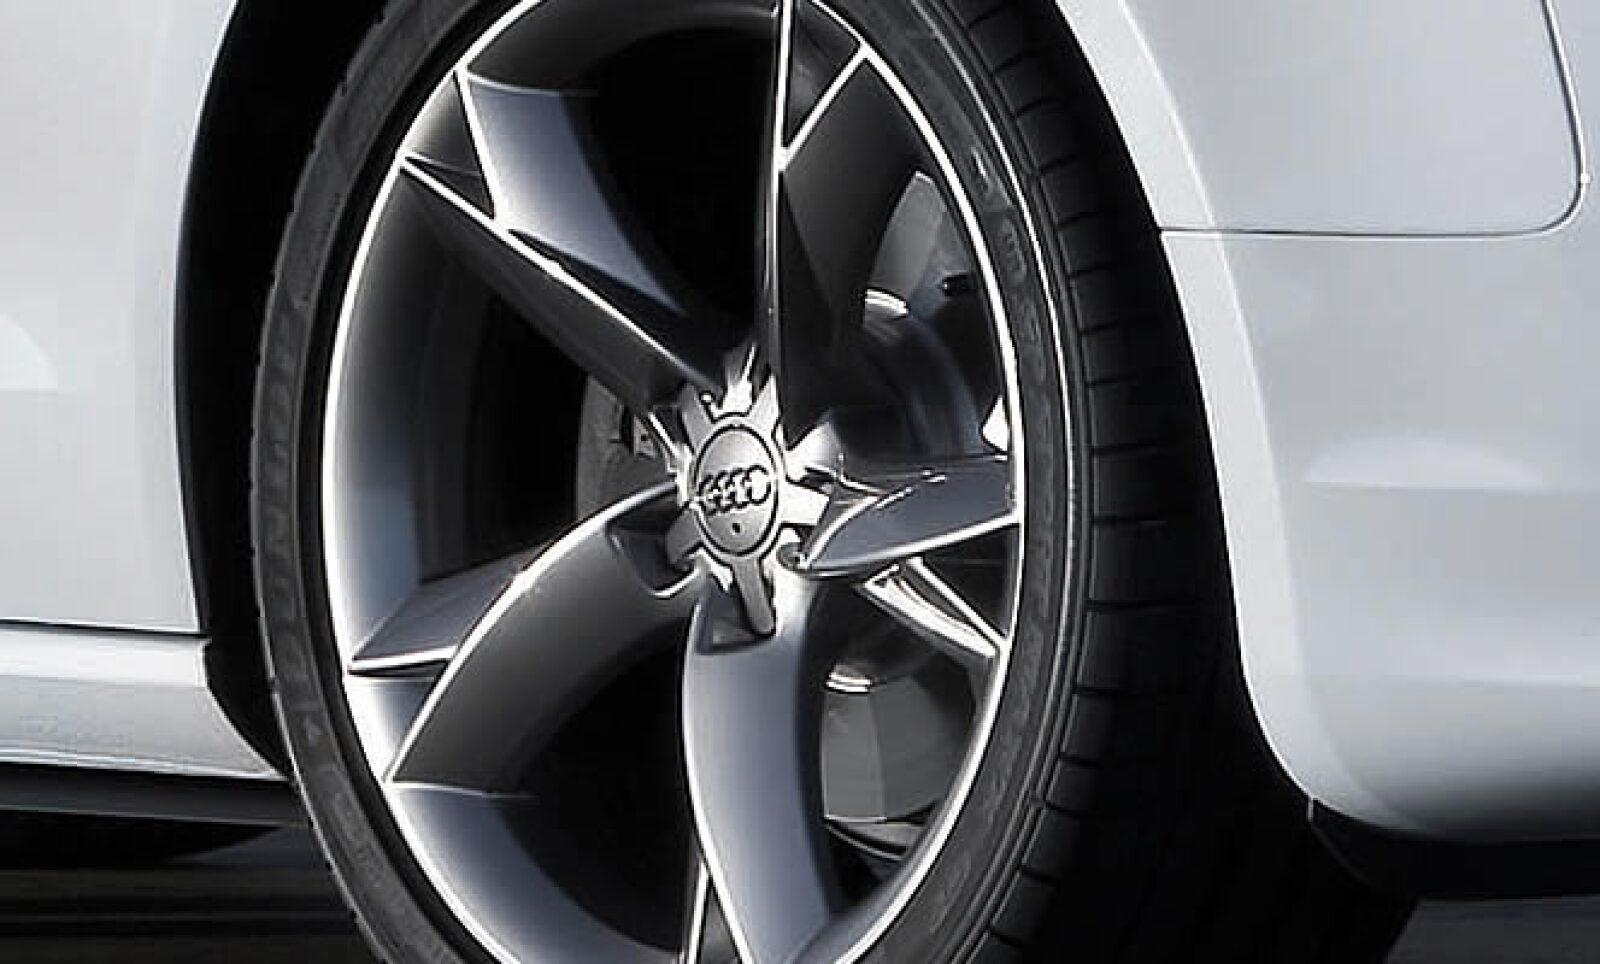 En cuanto a performance, equipa un motor de 2.0 litros que alcanza unos 211 caballos de potencia.